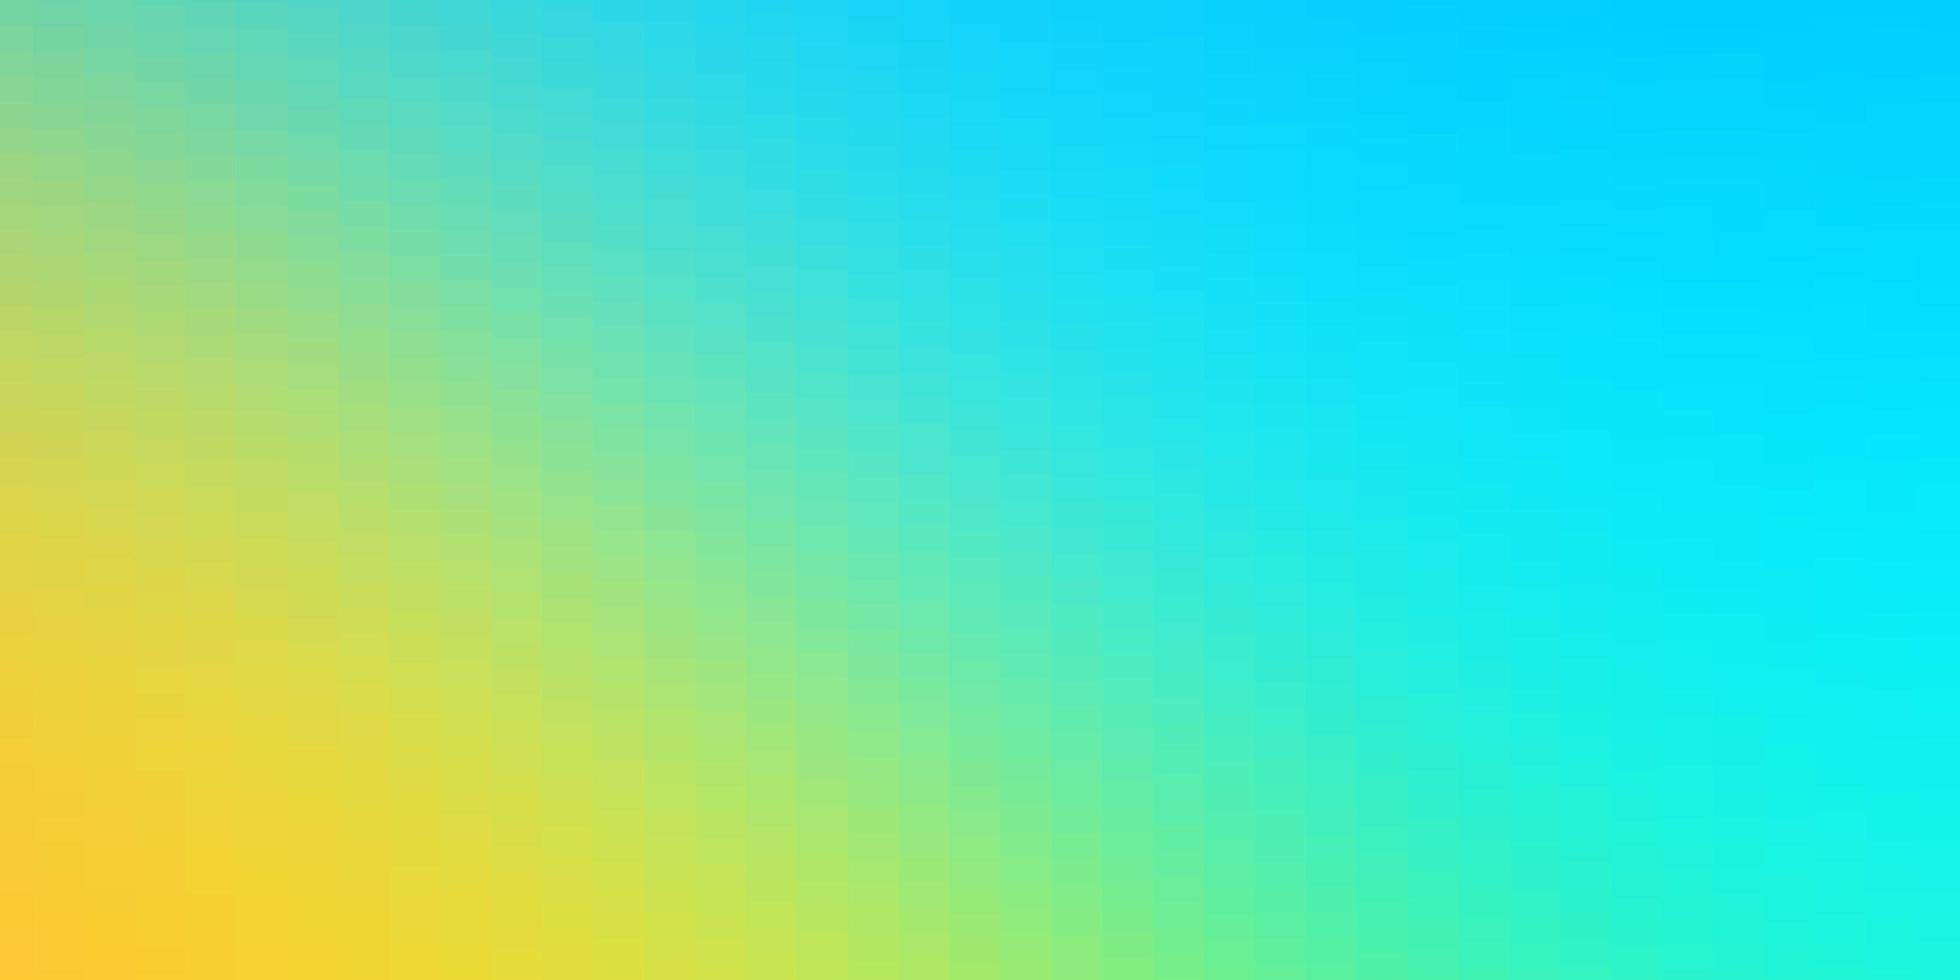 modelo azul claro e amarelo com retângulos. vetor